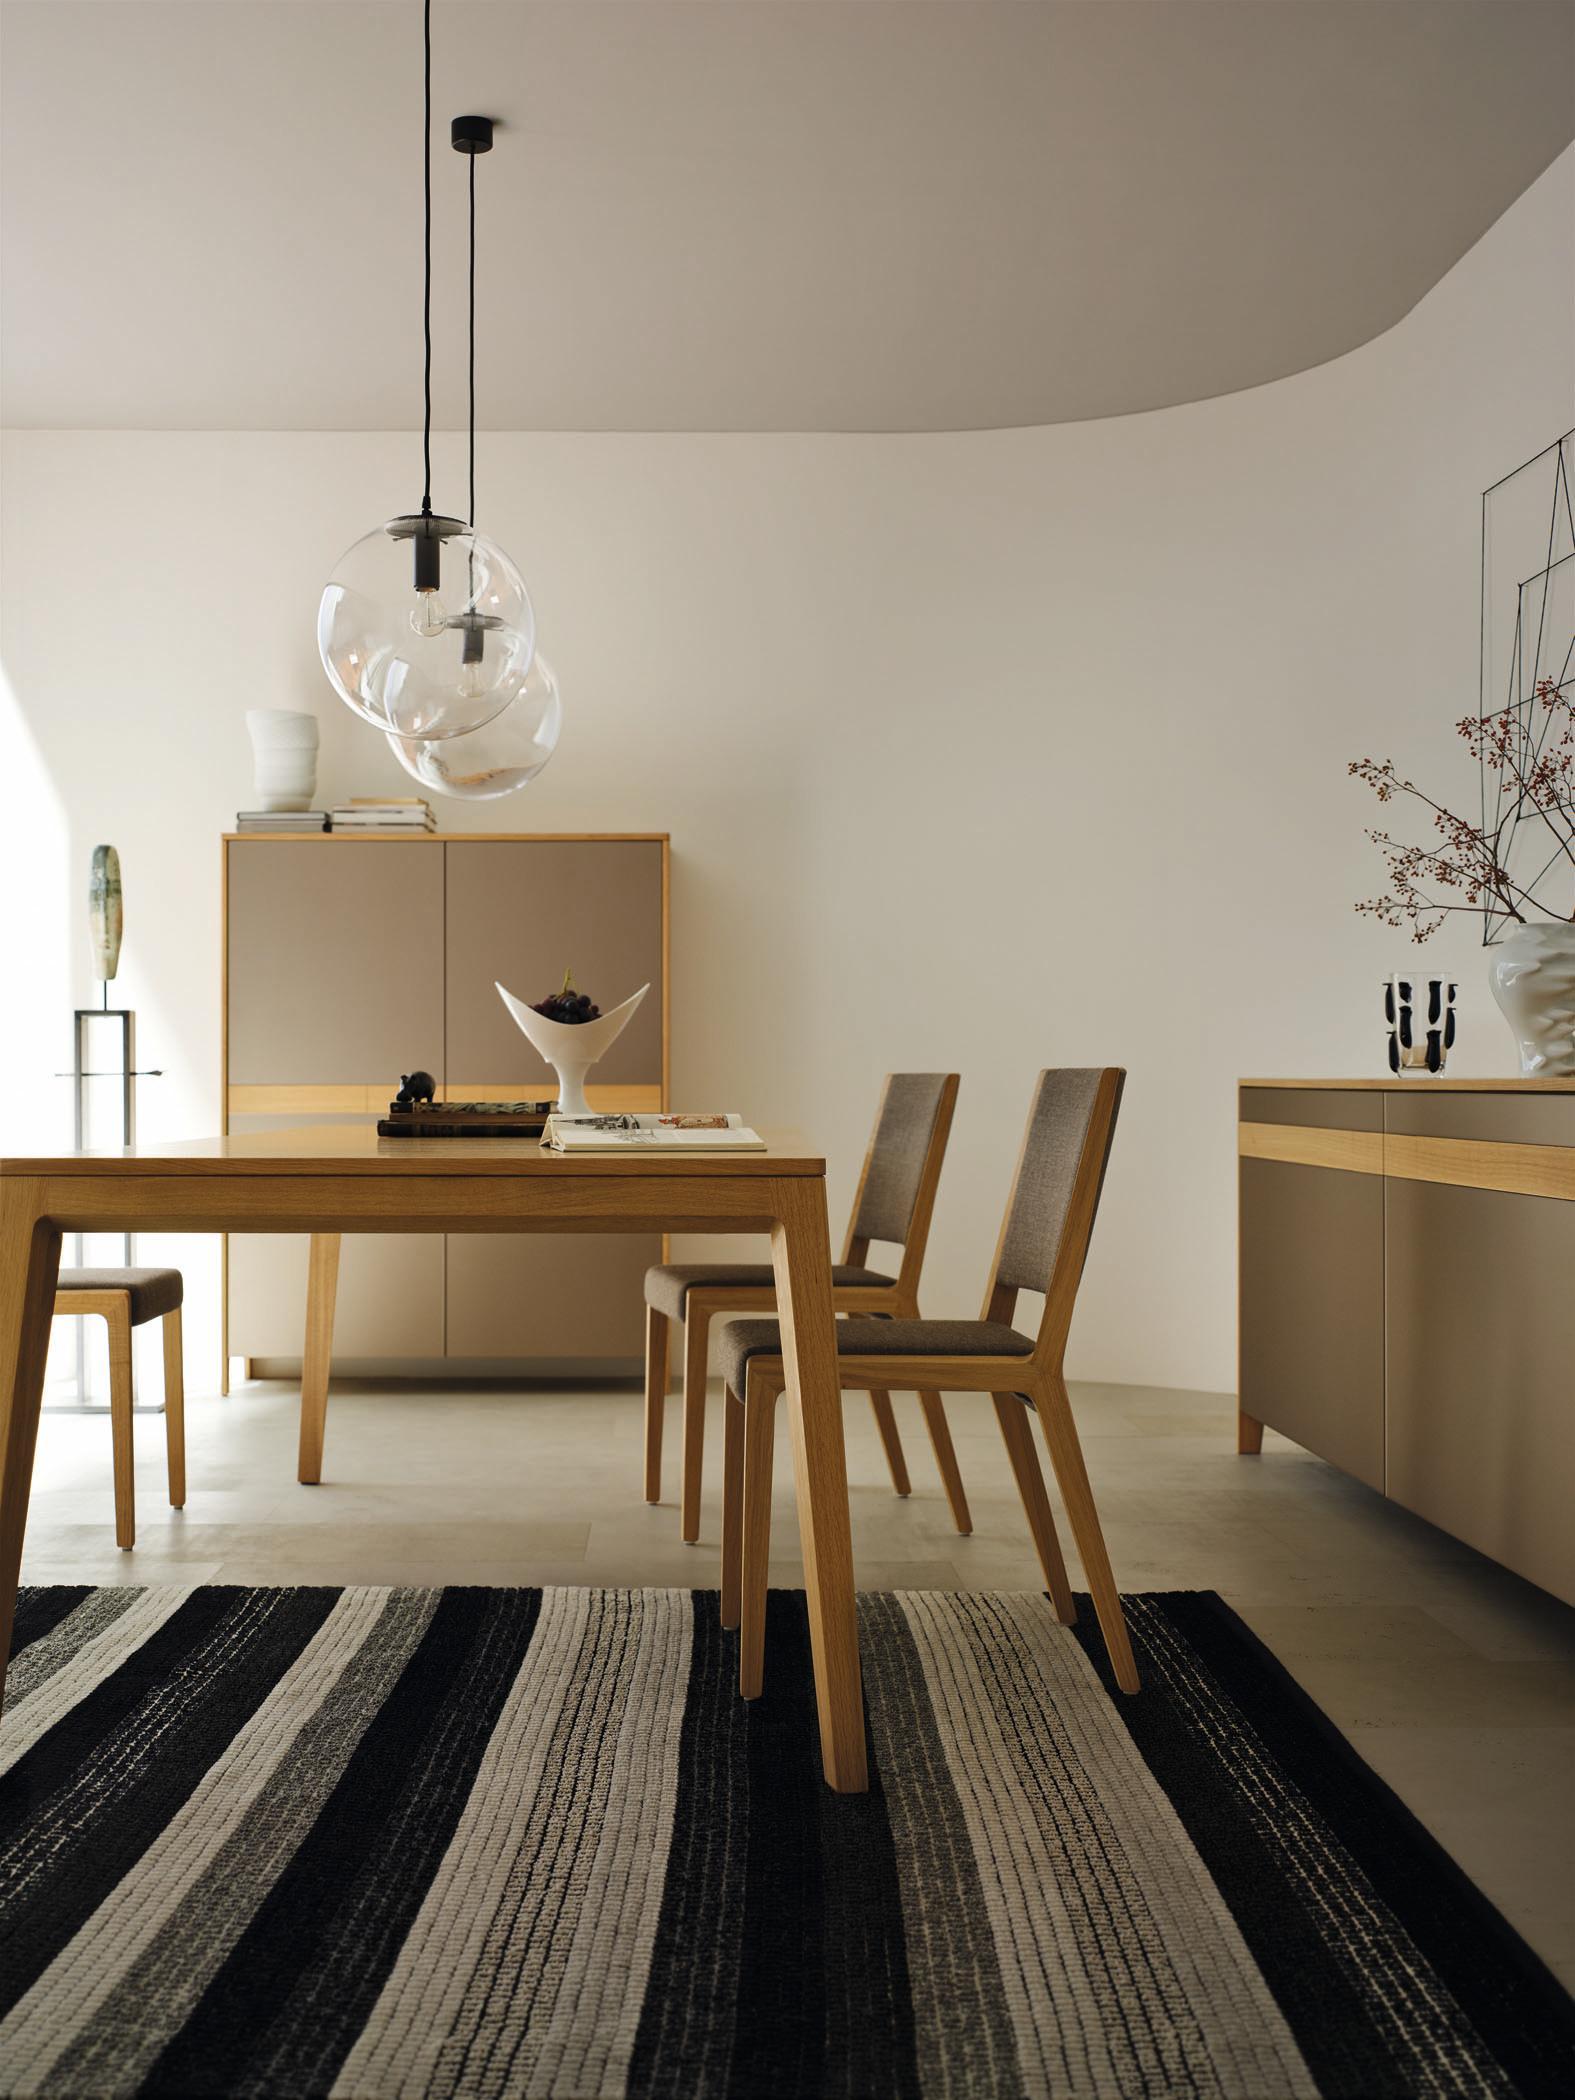 Klassisches Esszimmer In Grau #stuhl #holztisch #teppich #esstisch #schrank  #kommode